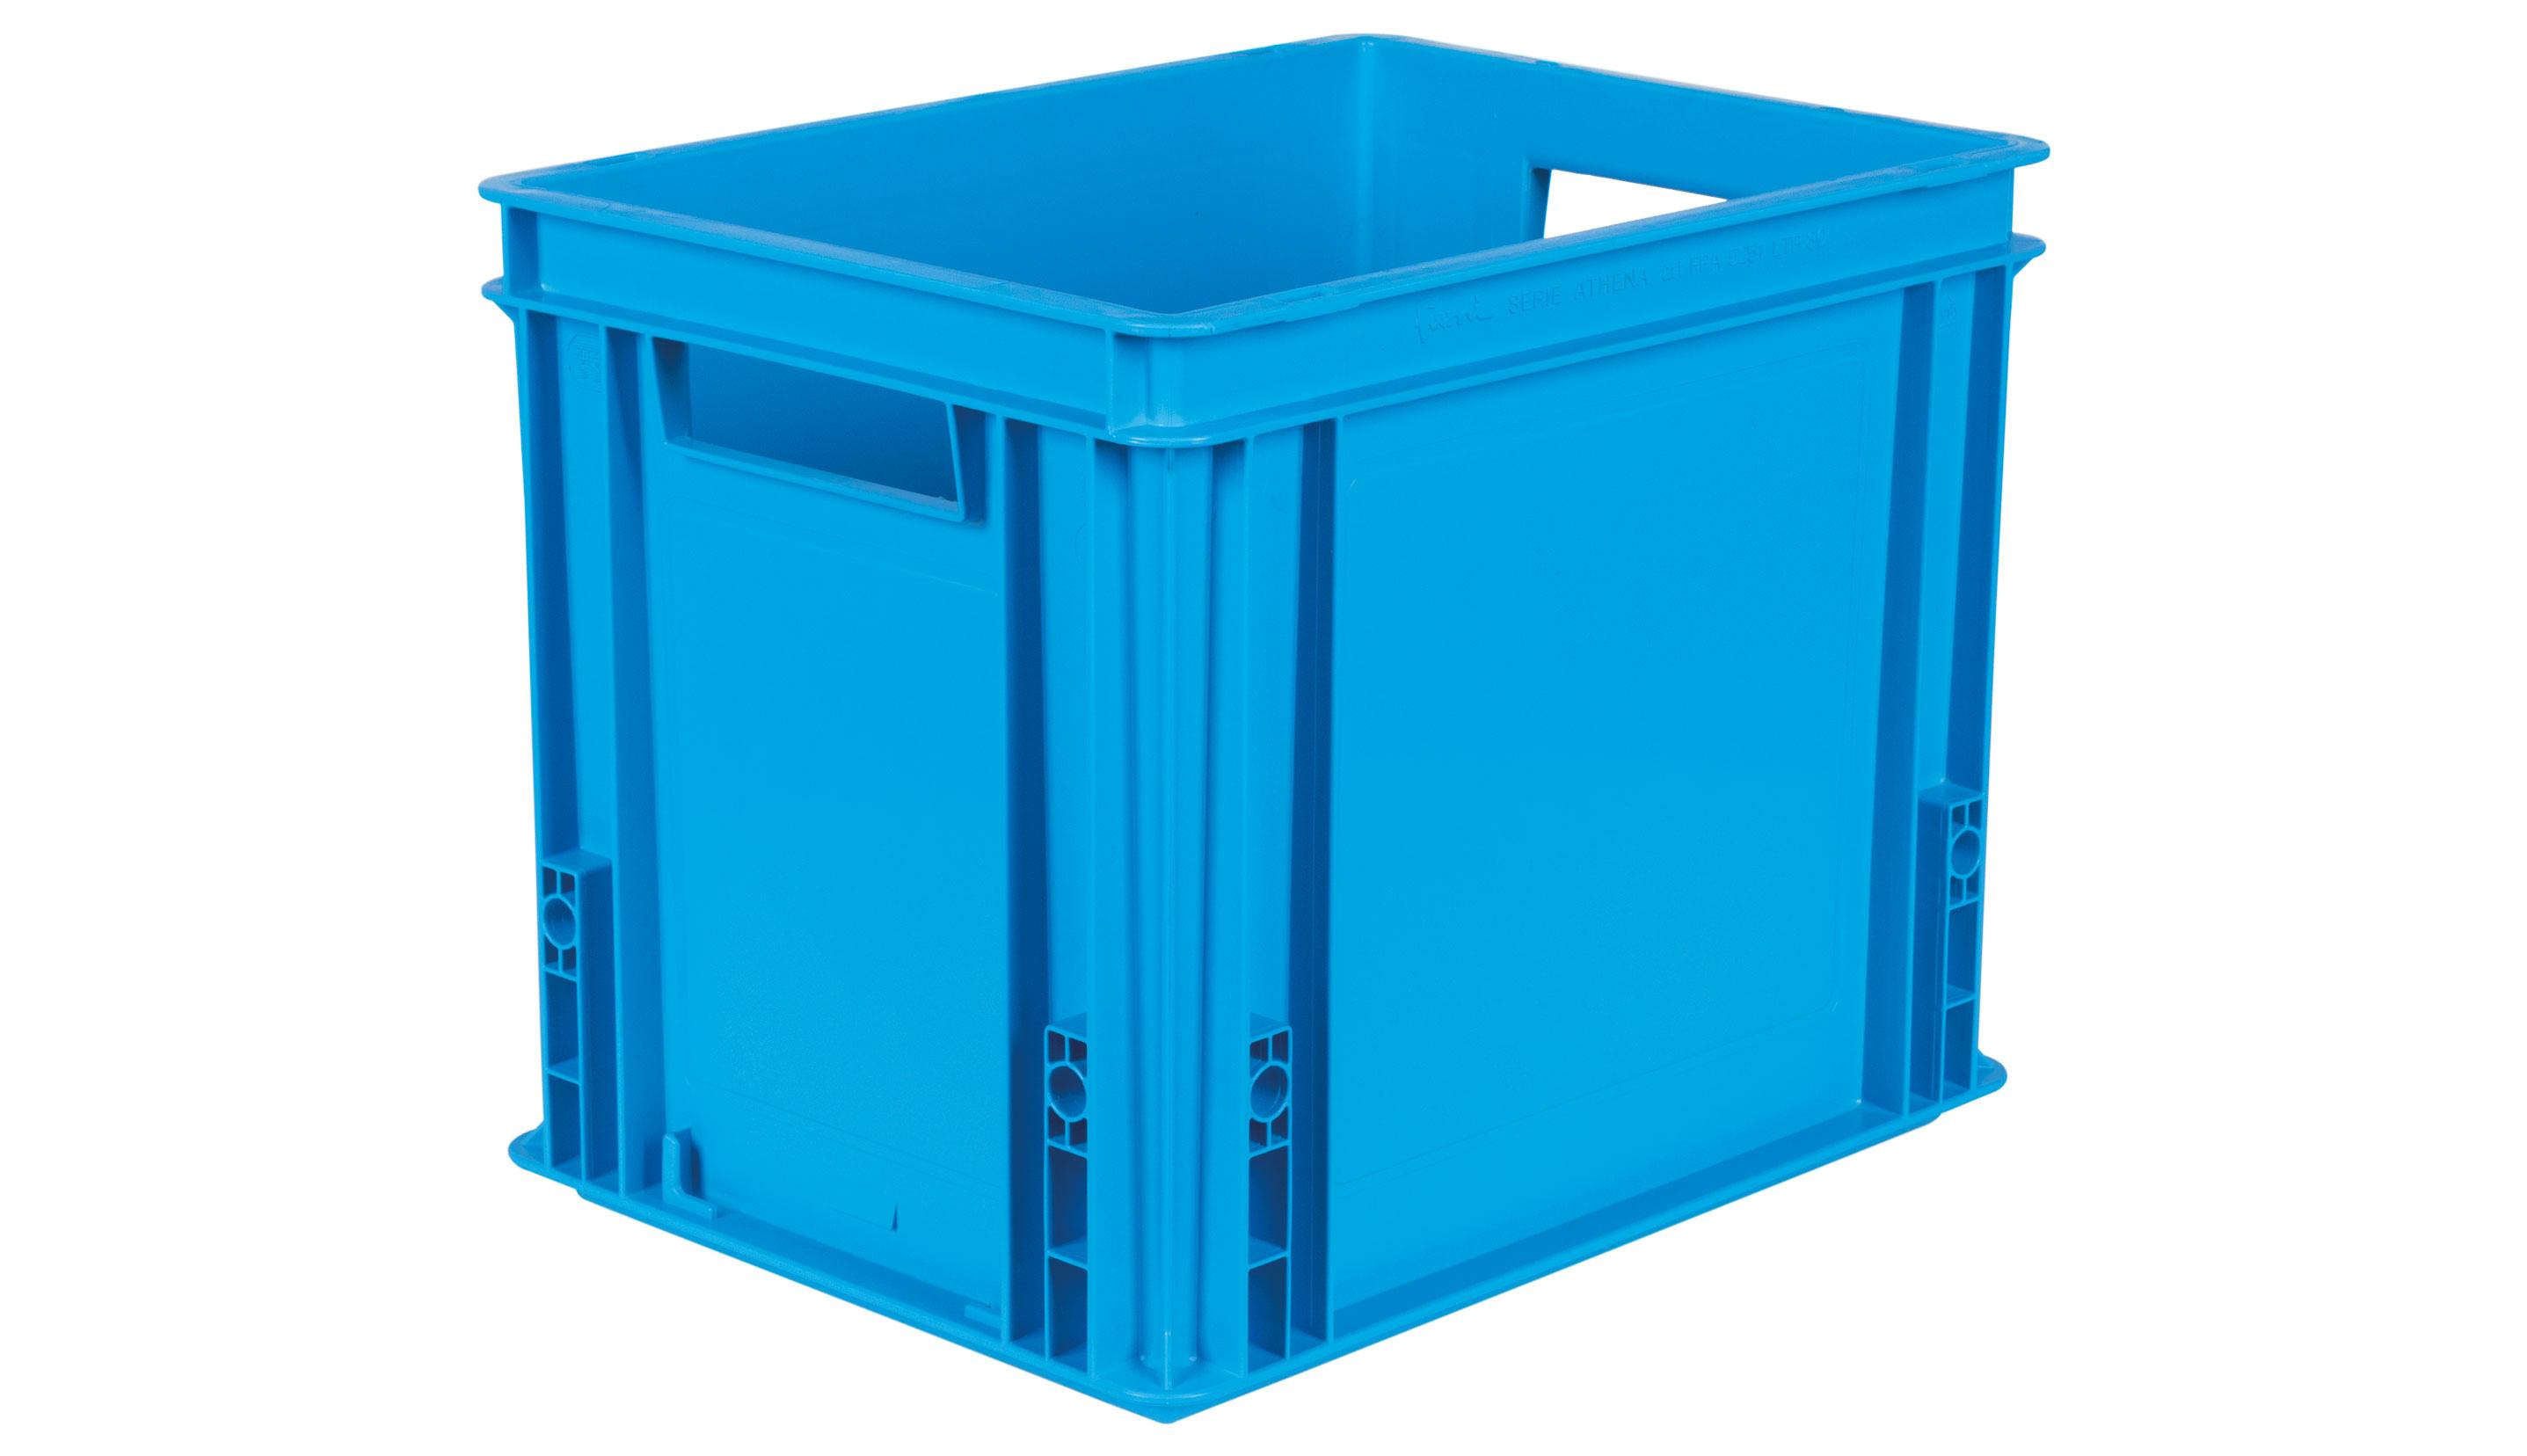 Bac plastique gerbable Bleu 30 litres avec poignées